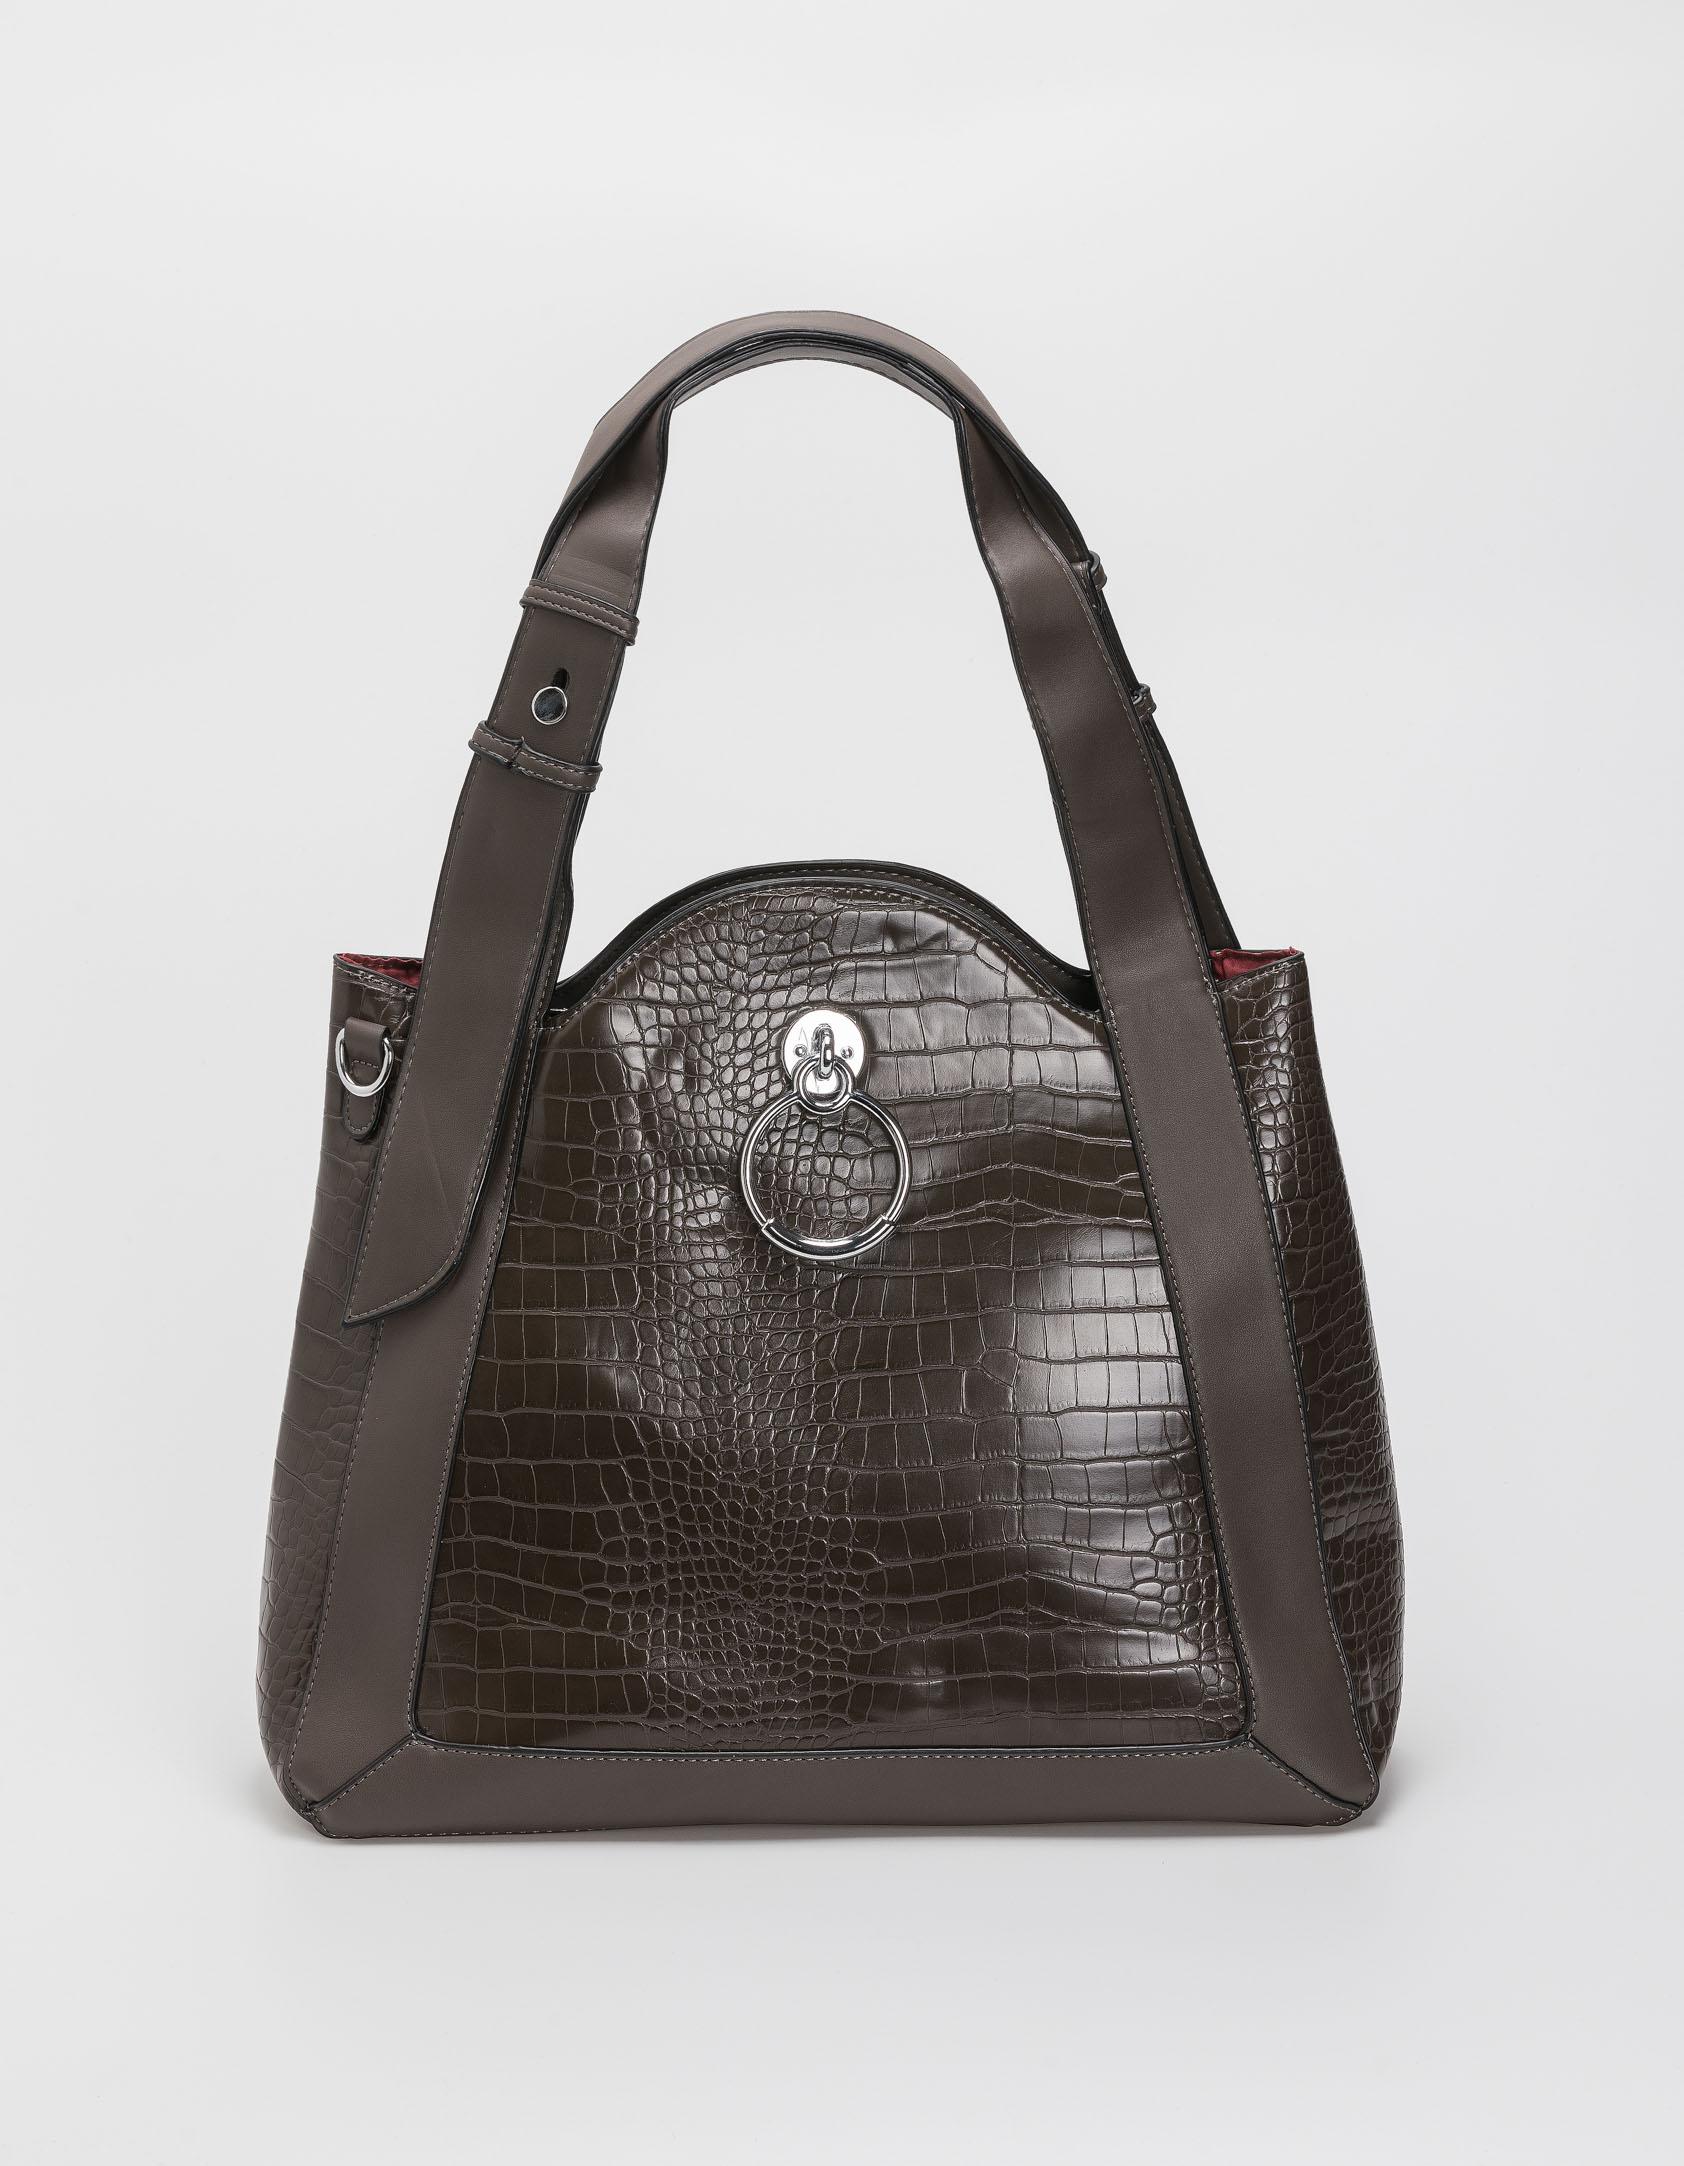 Croco τσάντα ώμου με κρίκο - Γκρι